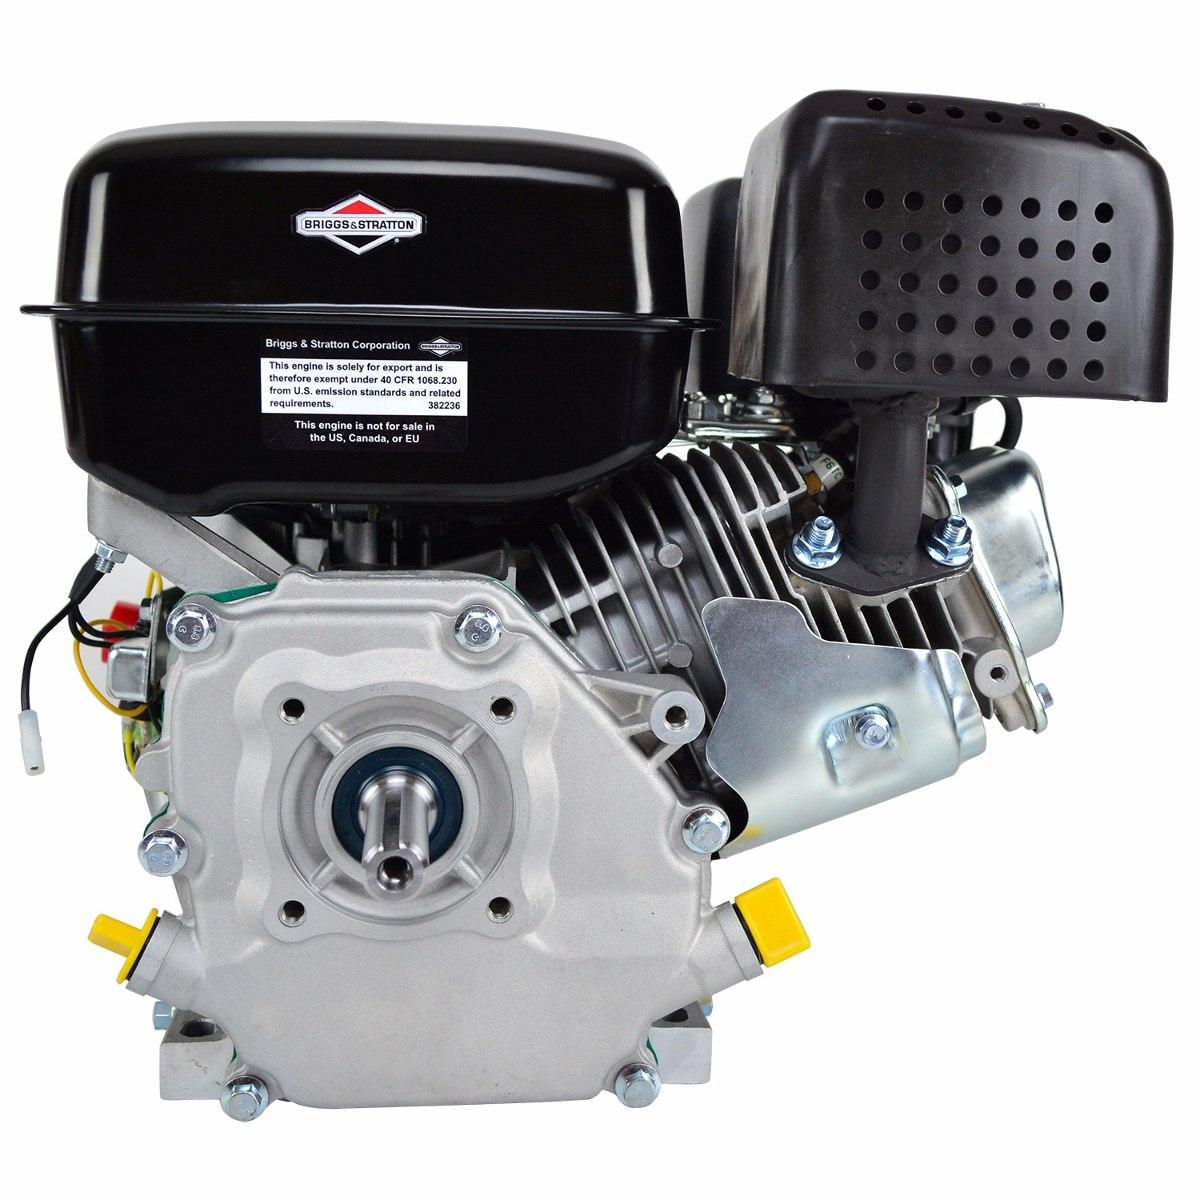 Motor Briggs & Stratton 208 Cc De 6.5 Hp Envío Gratis - $ 3,456.00 ...